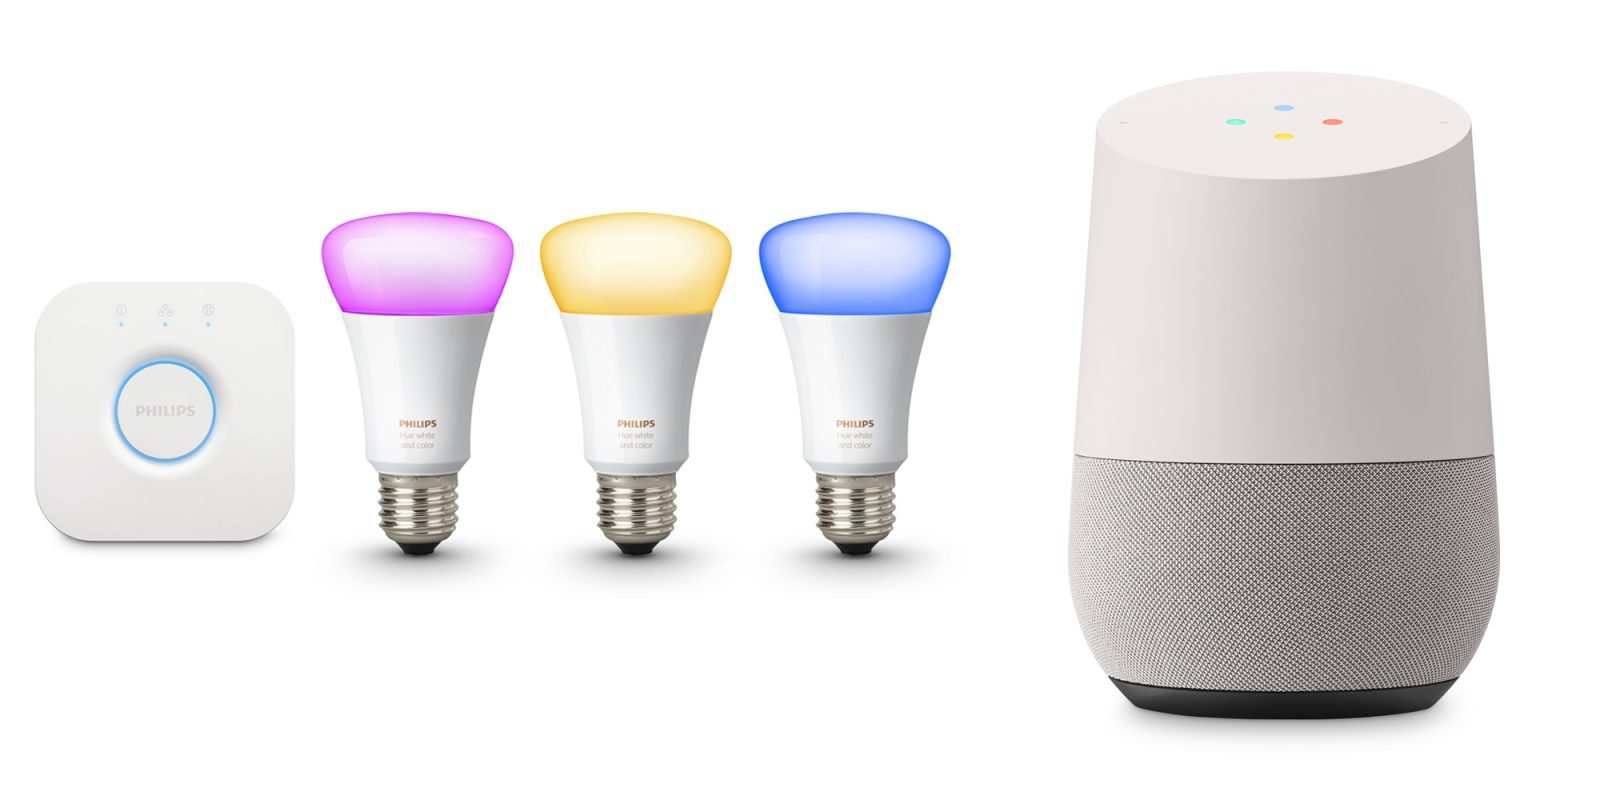 Google Home Philips Hue White Amp Color Lighting Kit 258